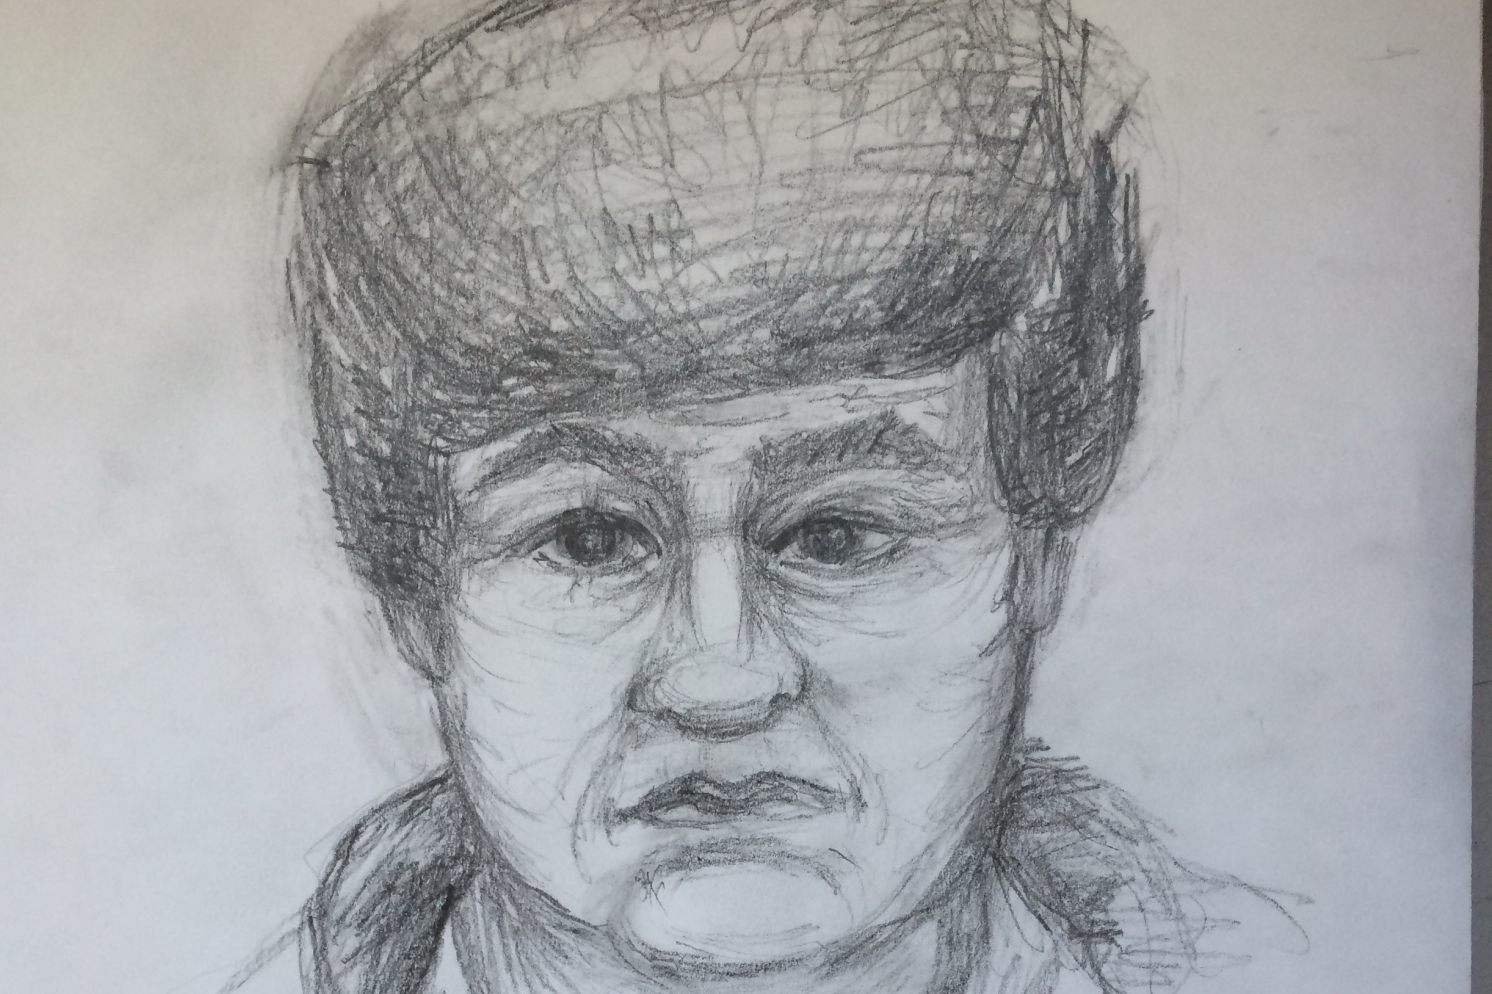 Неизвестный извращенец совратил 14-летнюю девушку вНефтеюганске